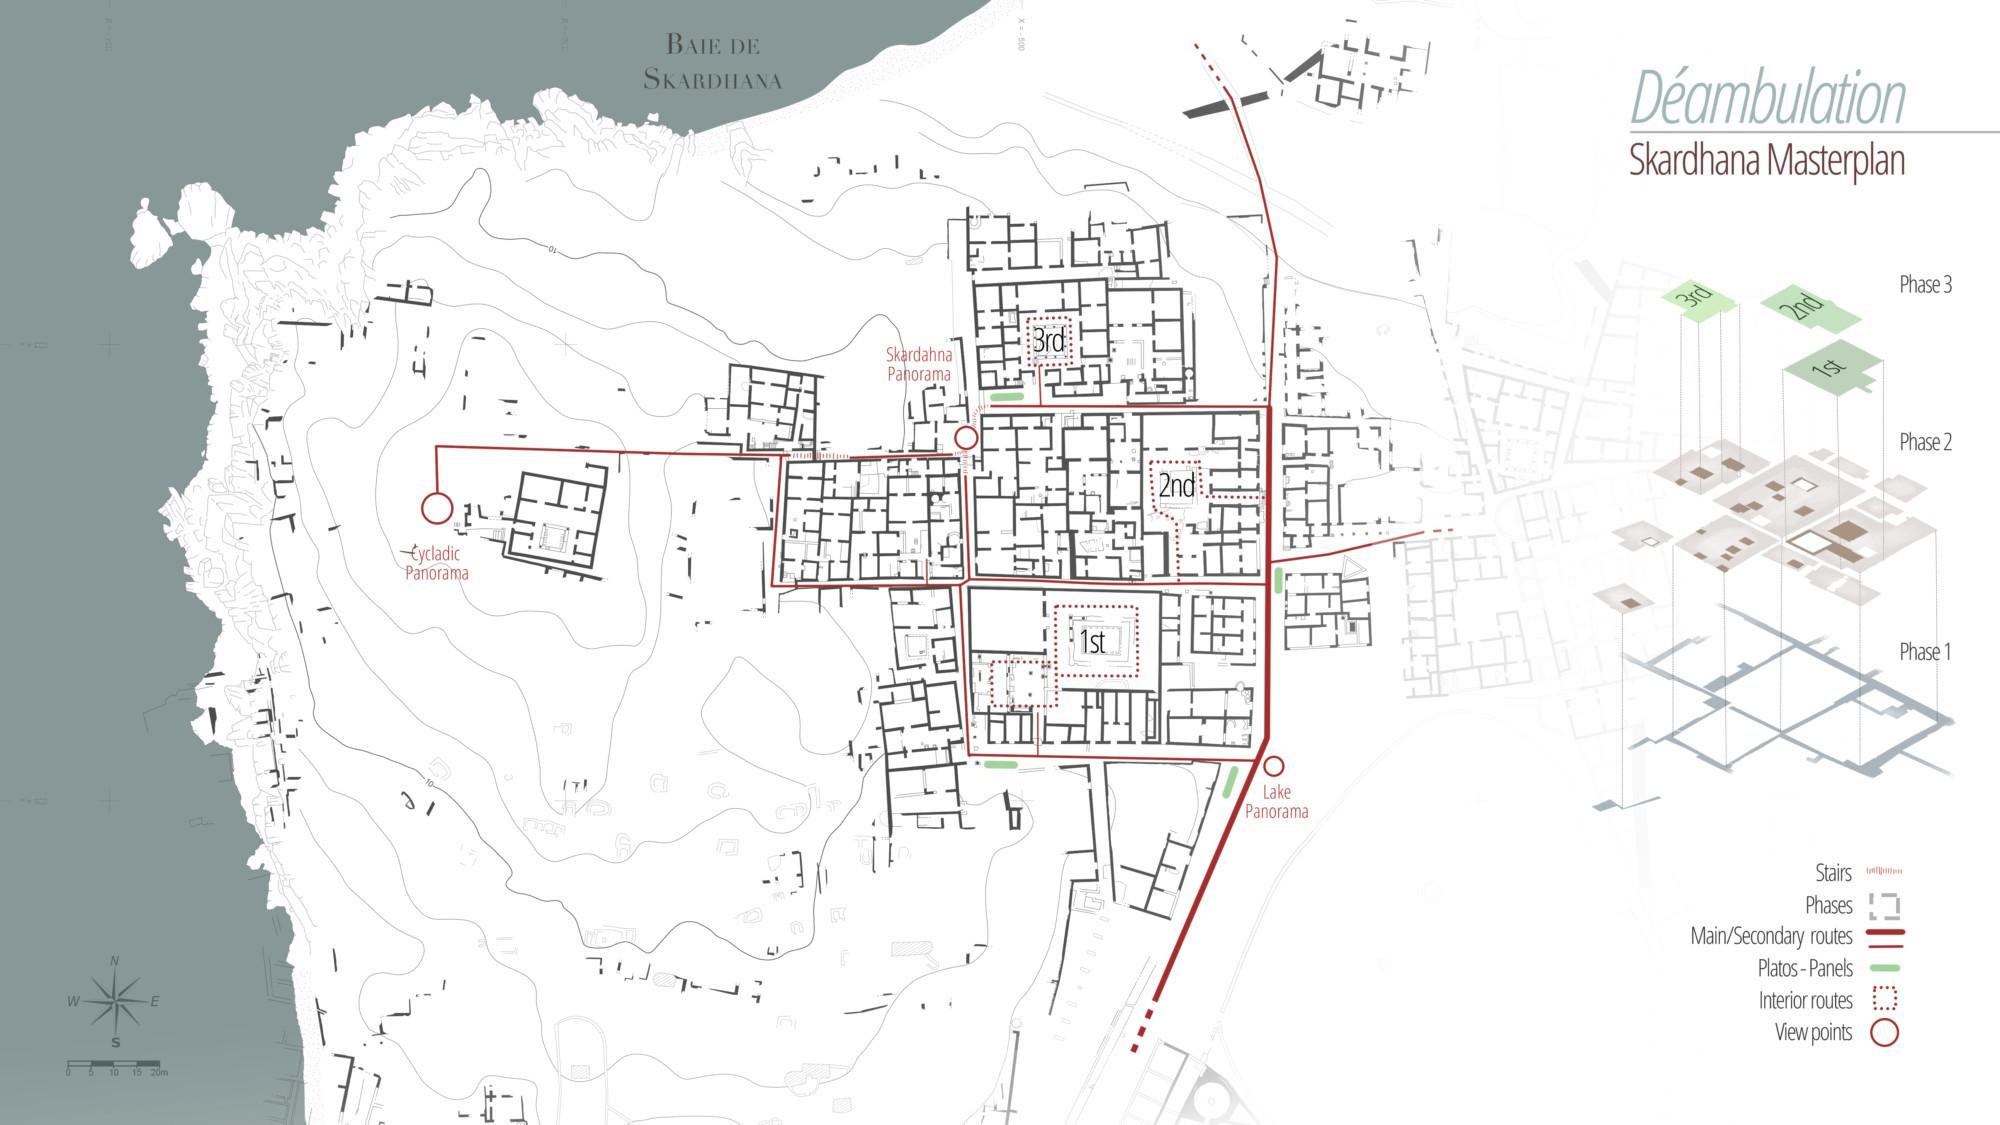 Aménagement de site archéologique – Quartier d'habitation de Skardhana à Délos